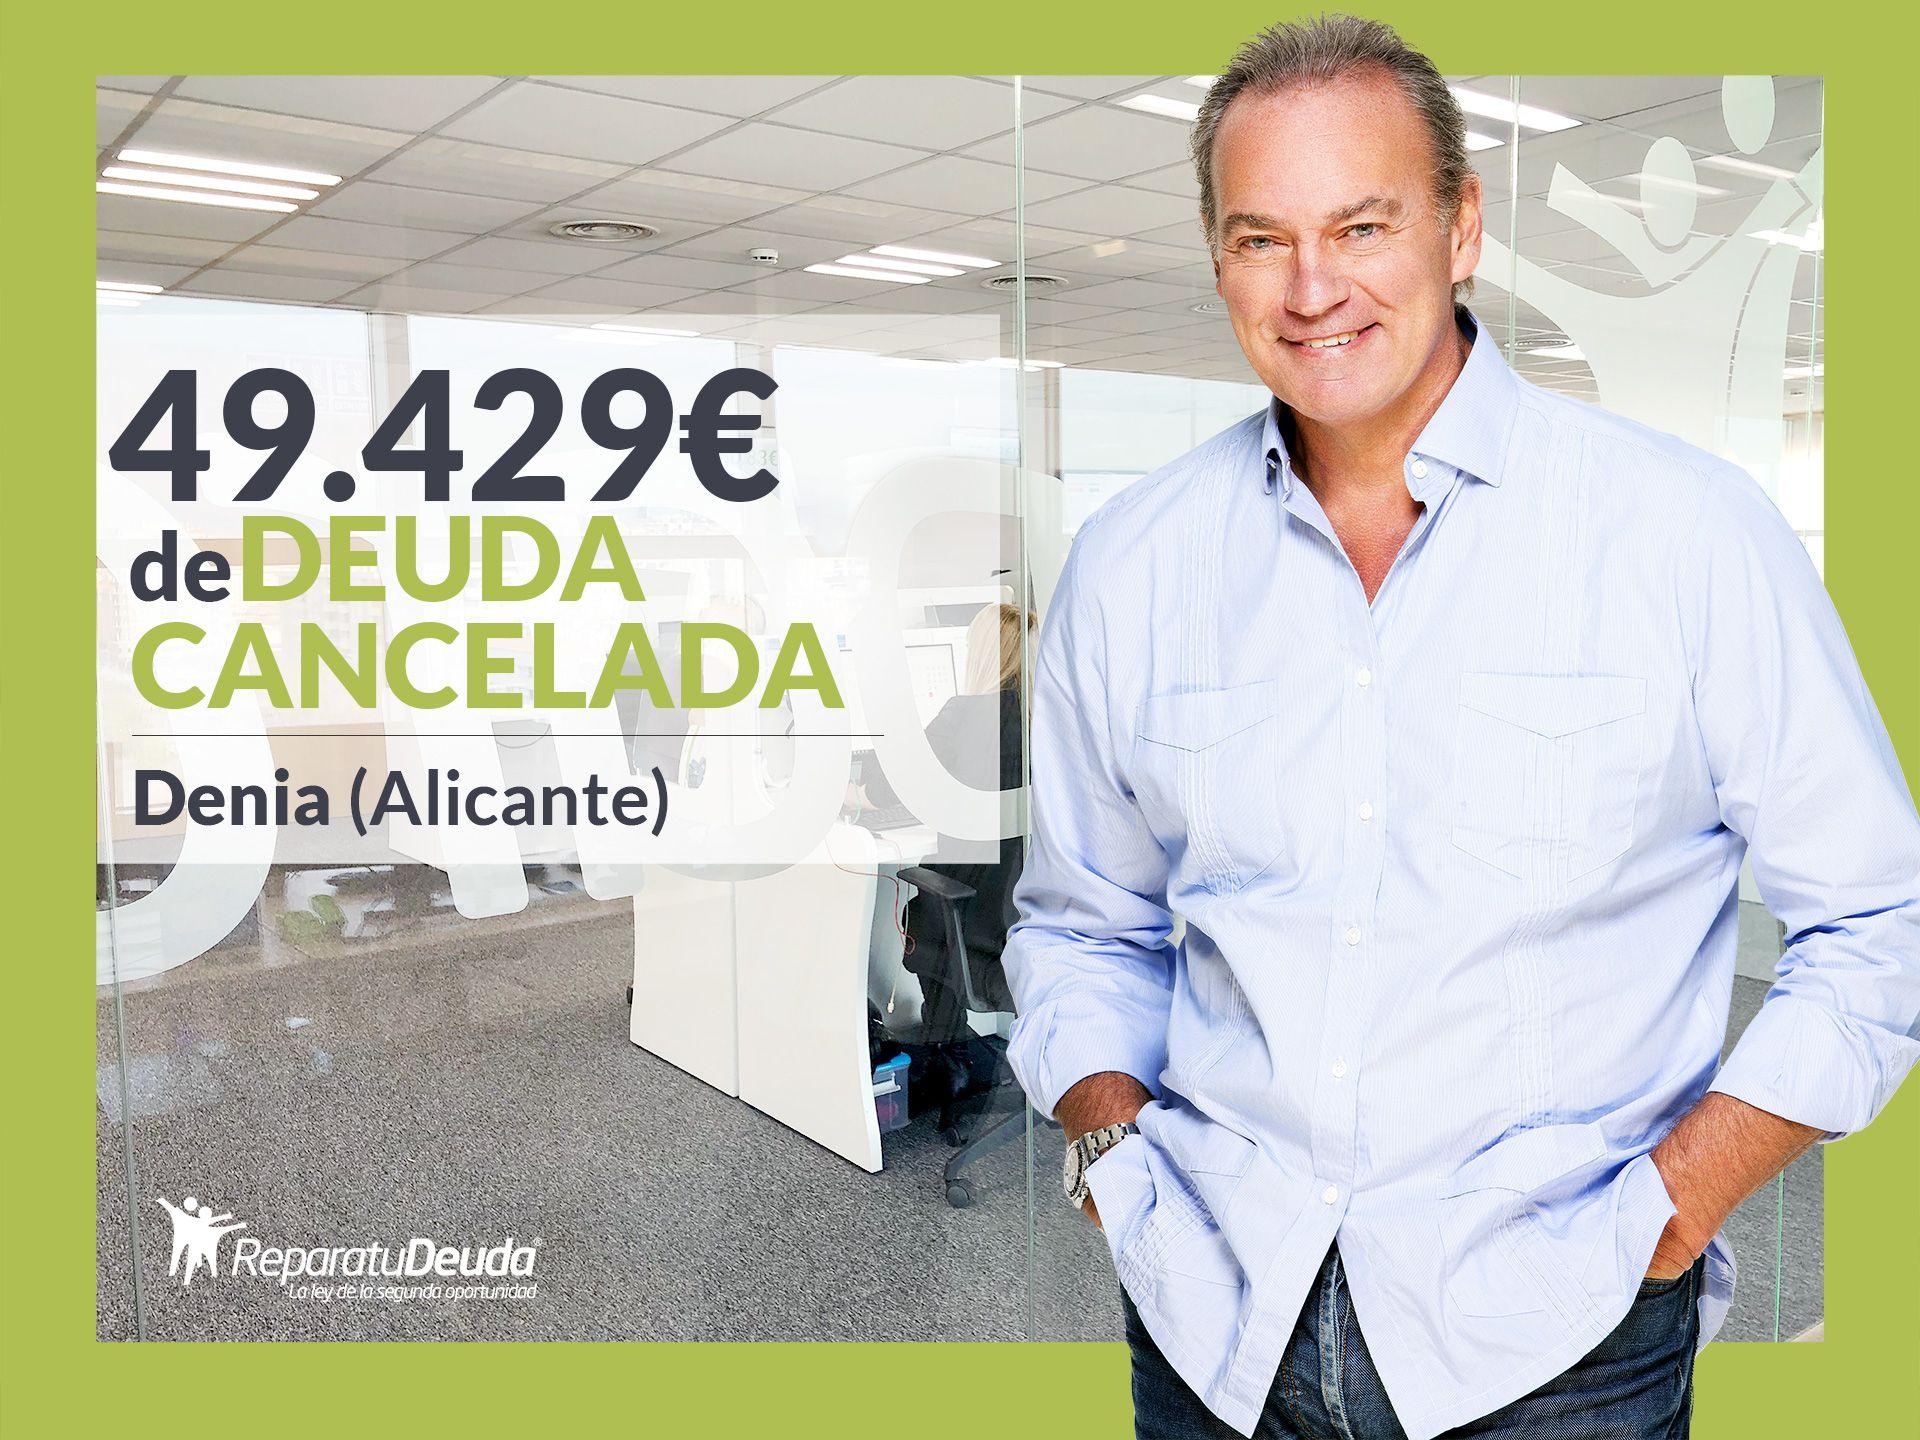 Repara tu Deuda Abogados cancela 49.429? en Denia (Alicante) con la Ley de la Segunda Oportunidad